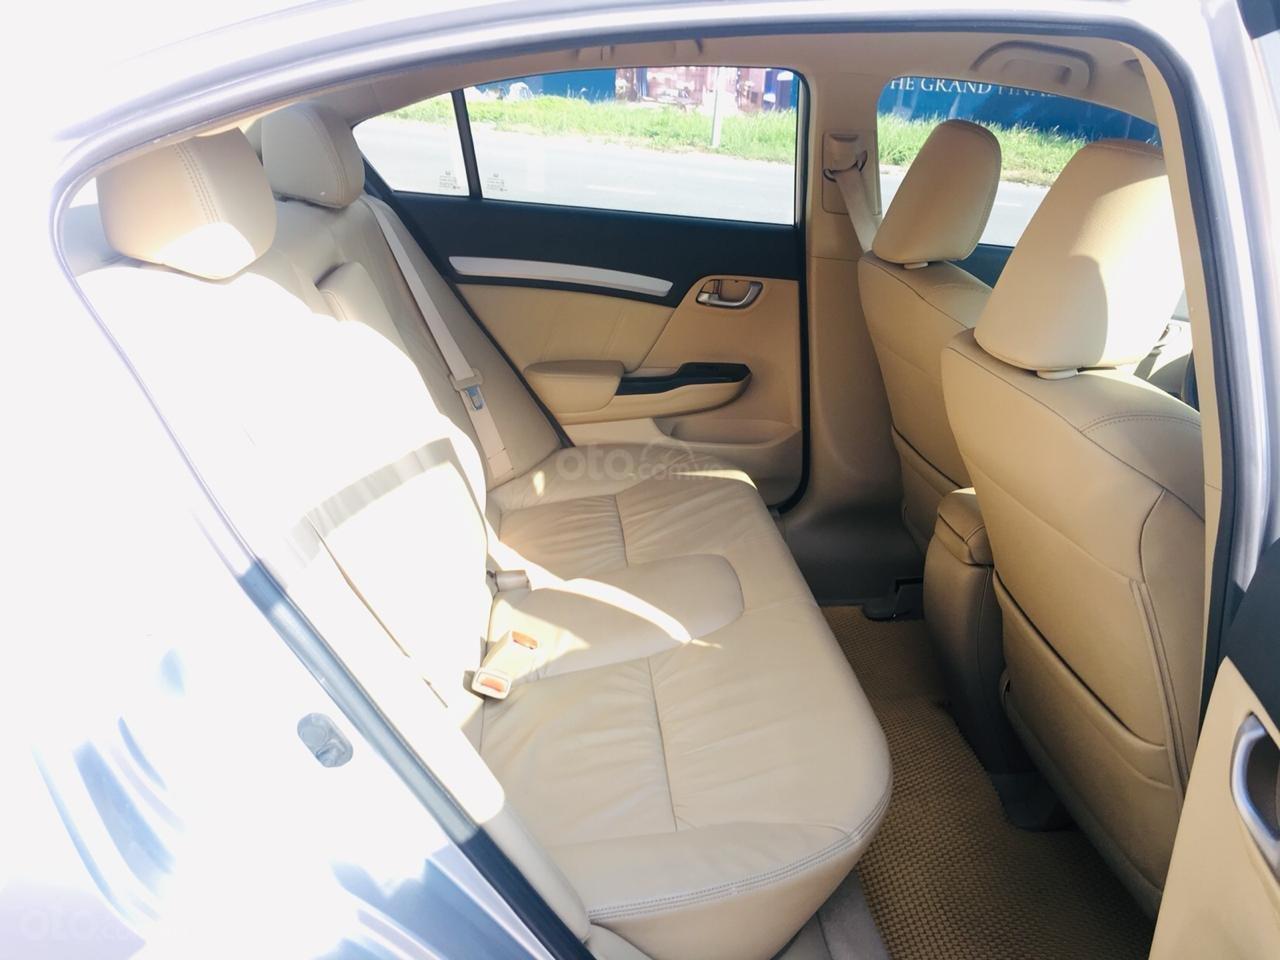 Honda Civic xe nhà, giữ cẩn thận, đẹp như mới mua-4